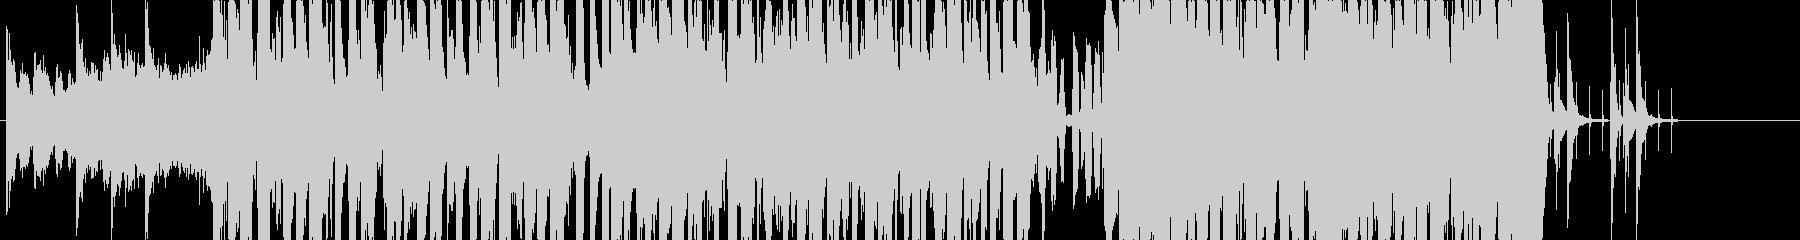 和風映像CM・飛び跳ねる・スタイリッシュの未再生の波形